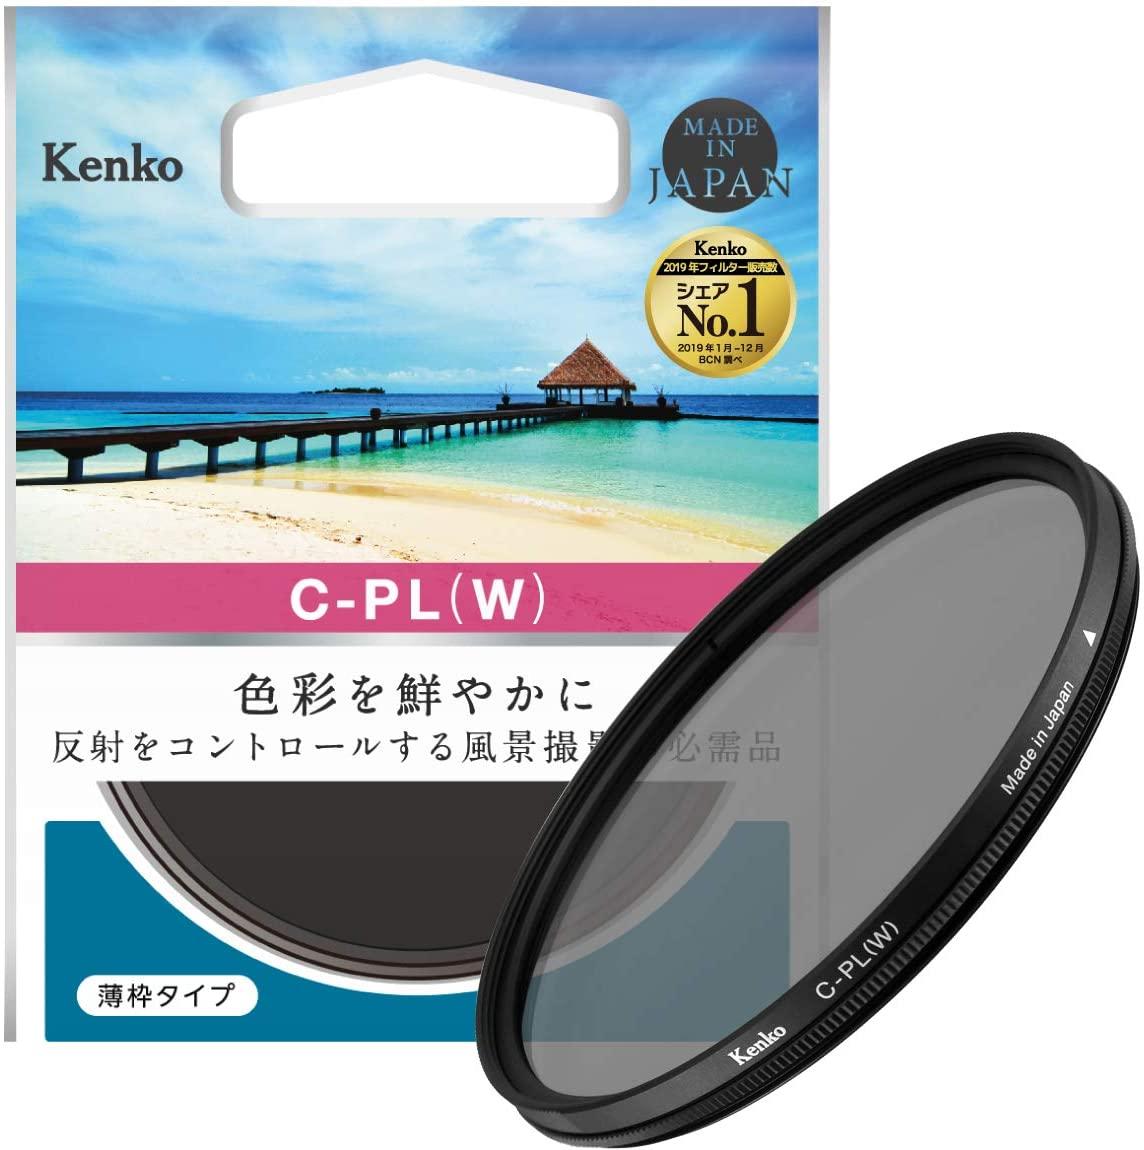 Kenko_C-PL